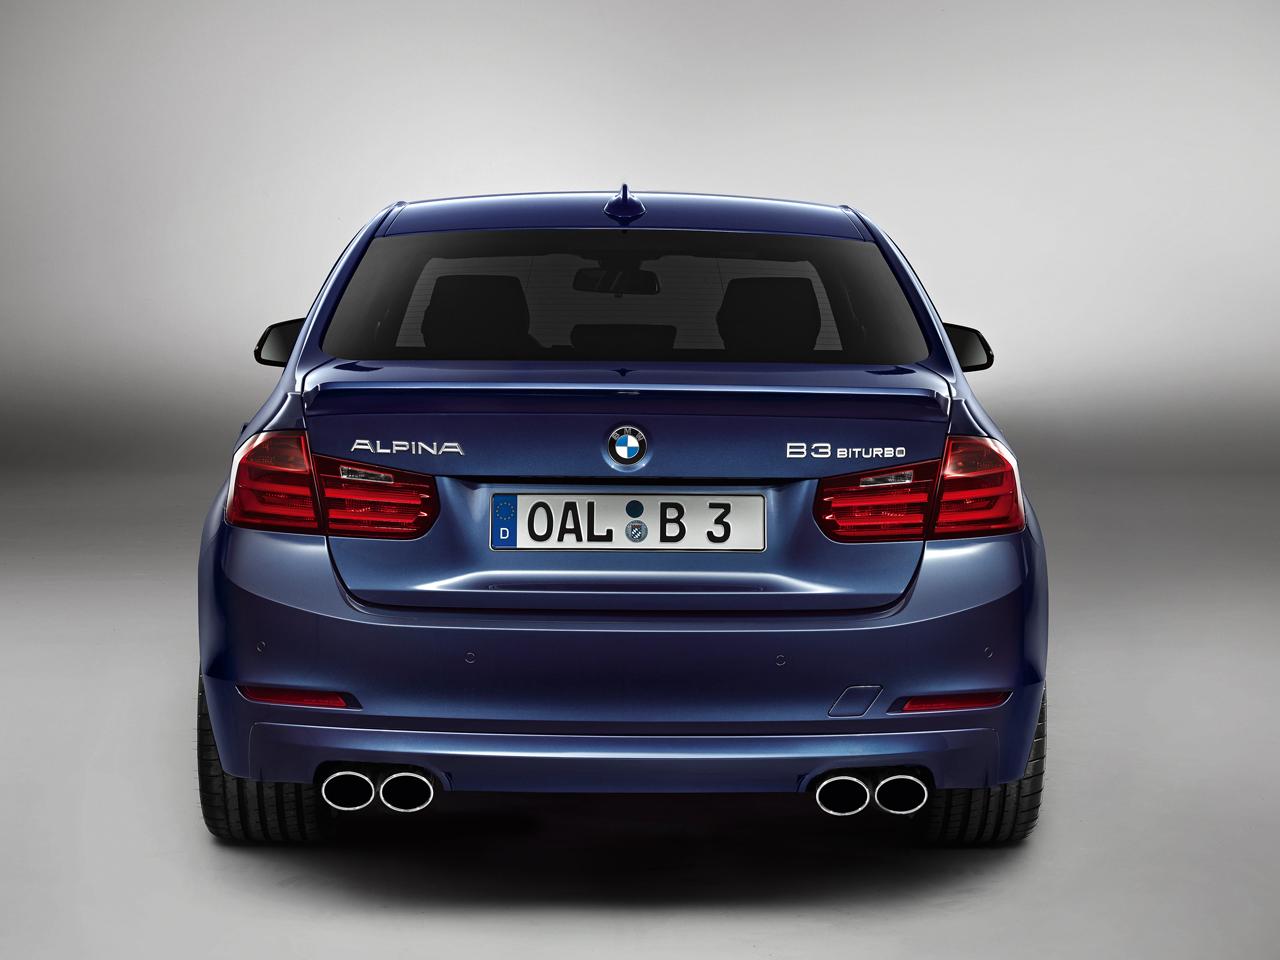 Компания Альпина представила свои новинки— БМВ Альпина B3 SBi-Turbo иB4 SBi-Turbo